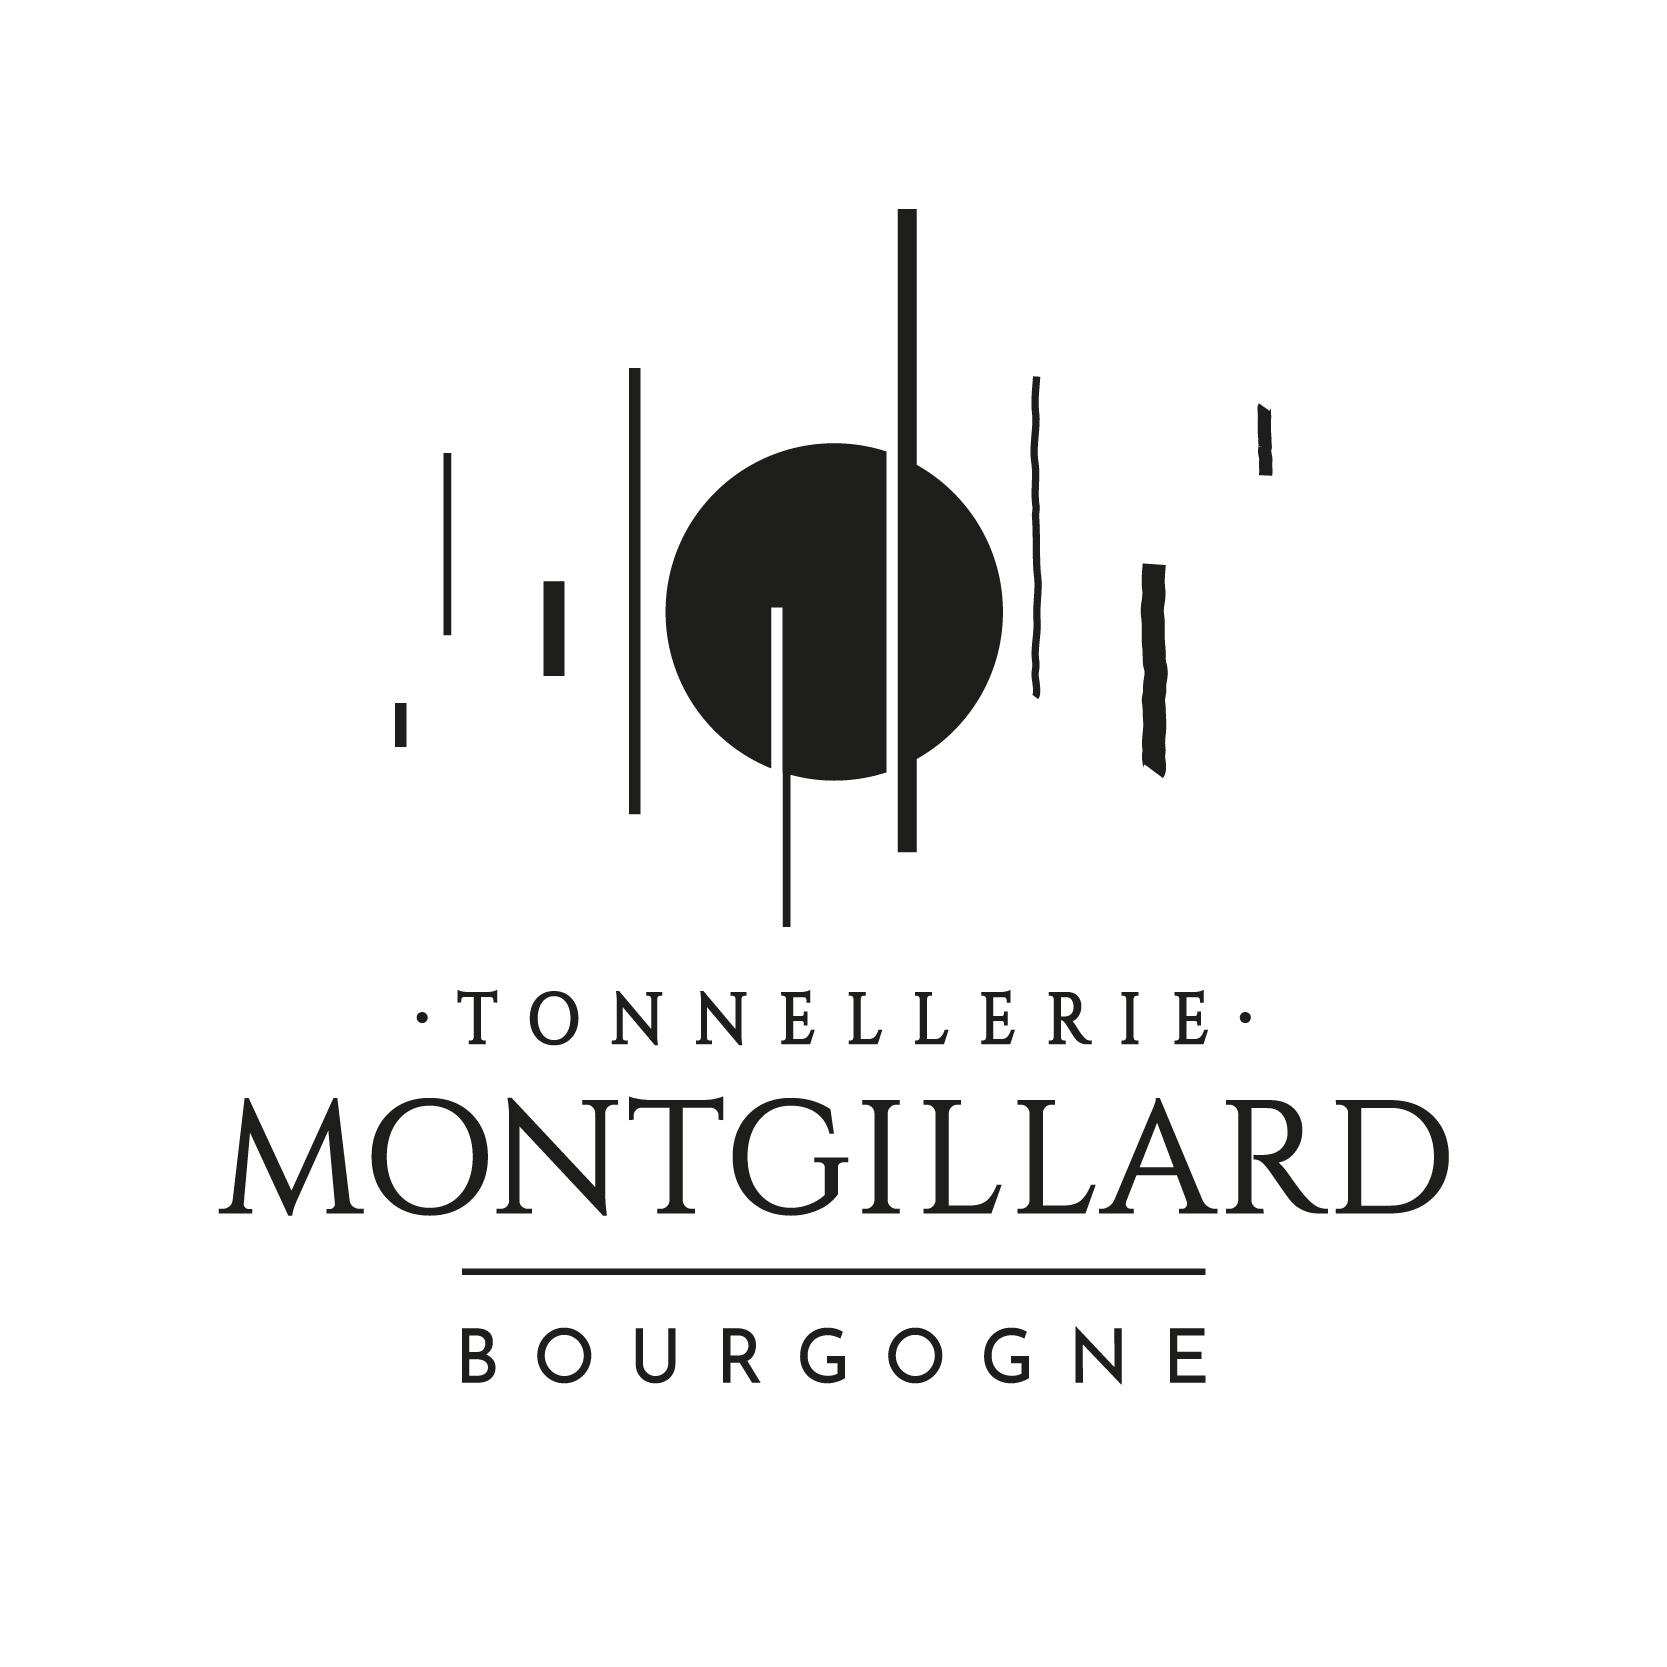 Saint Vincent Tournante 2021 - Tonnellerie Montgillard